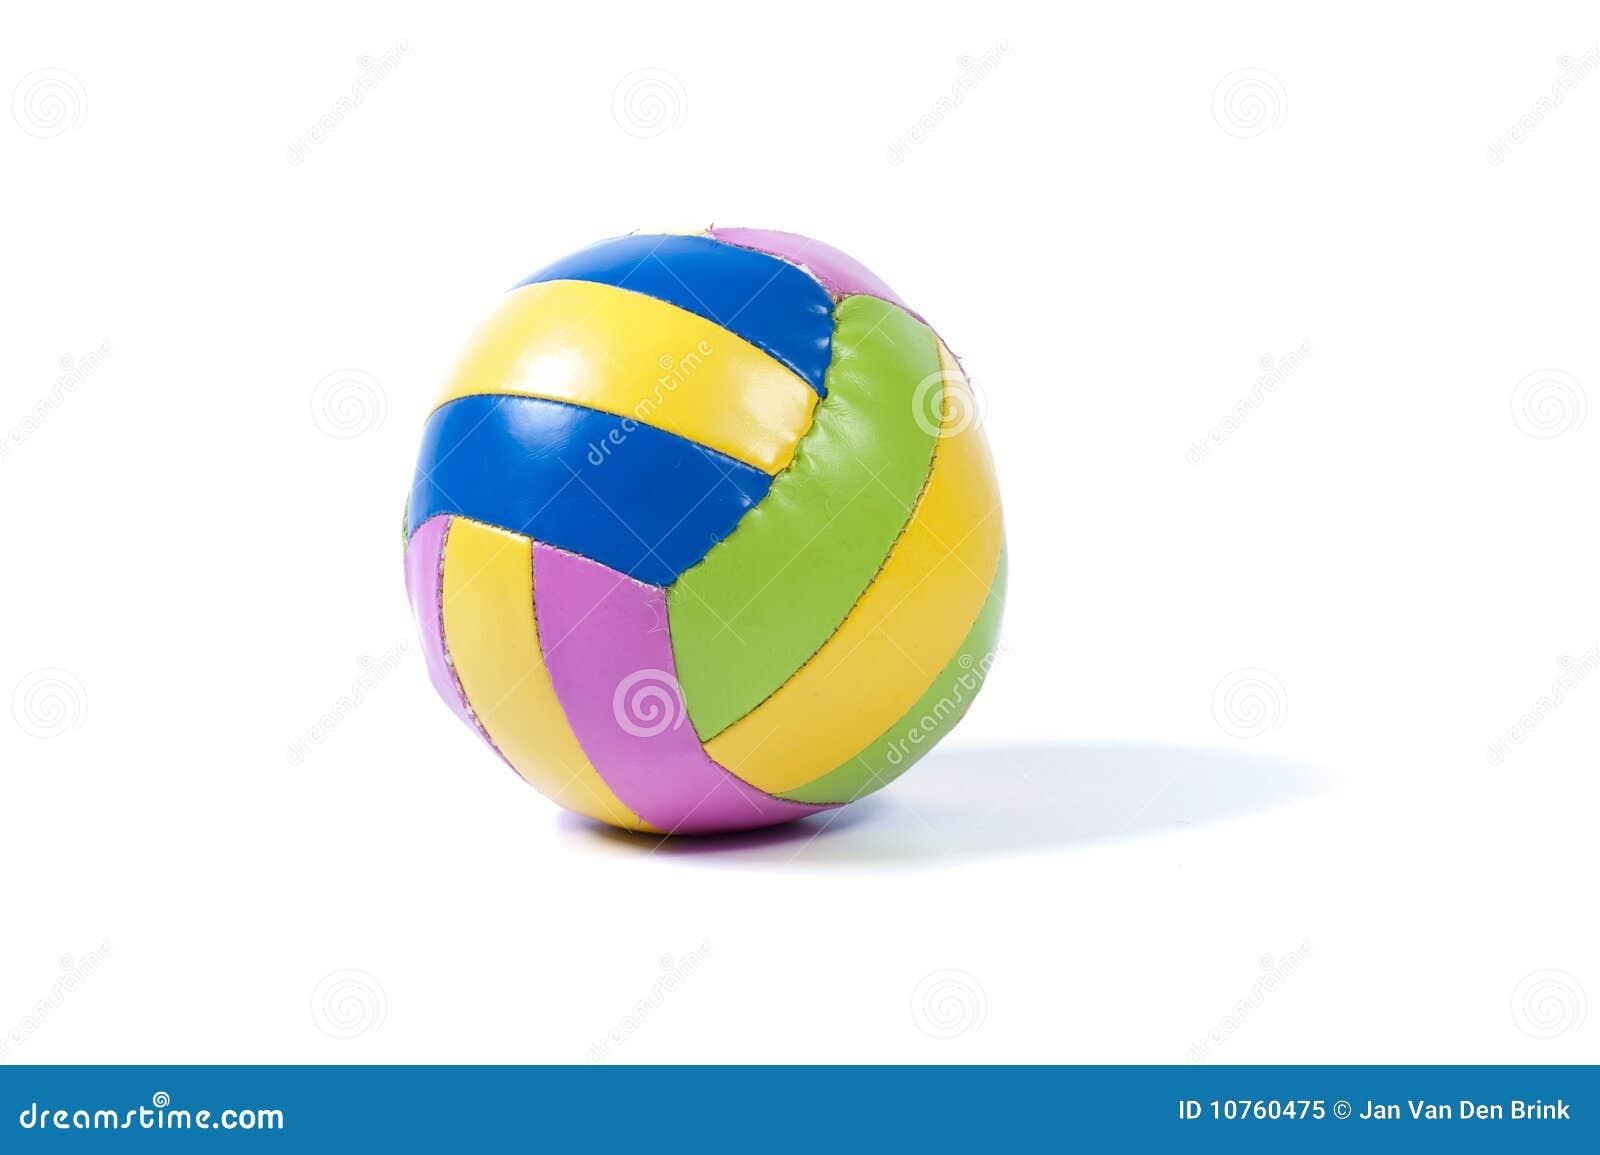 球���*��h�f_图片 包括有 颜色, 玩具, 作用, 查出, 竹子, 排球, 火箭筒, 婴孩